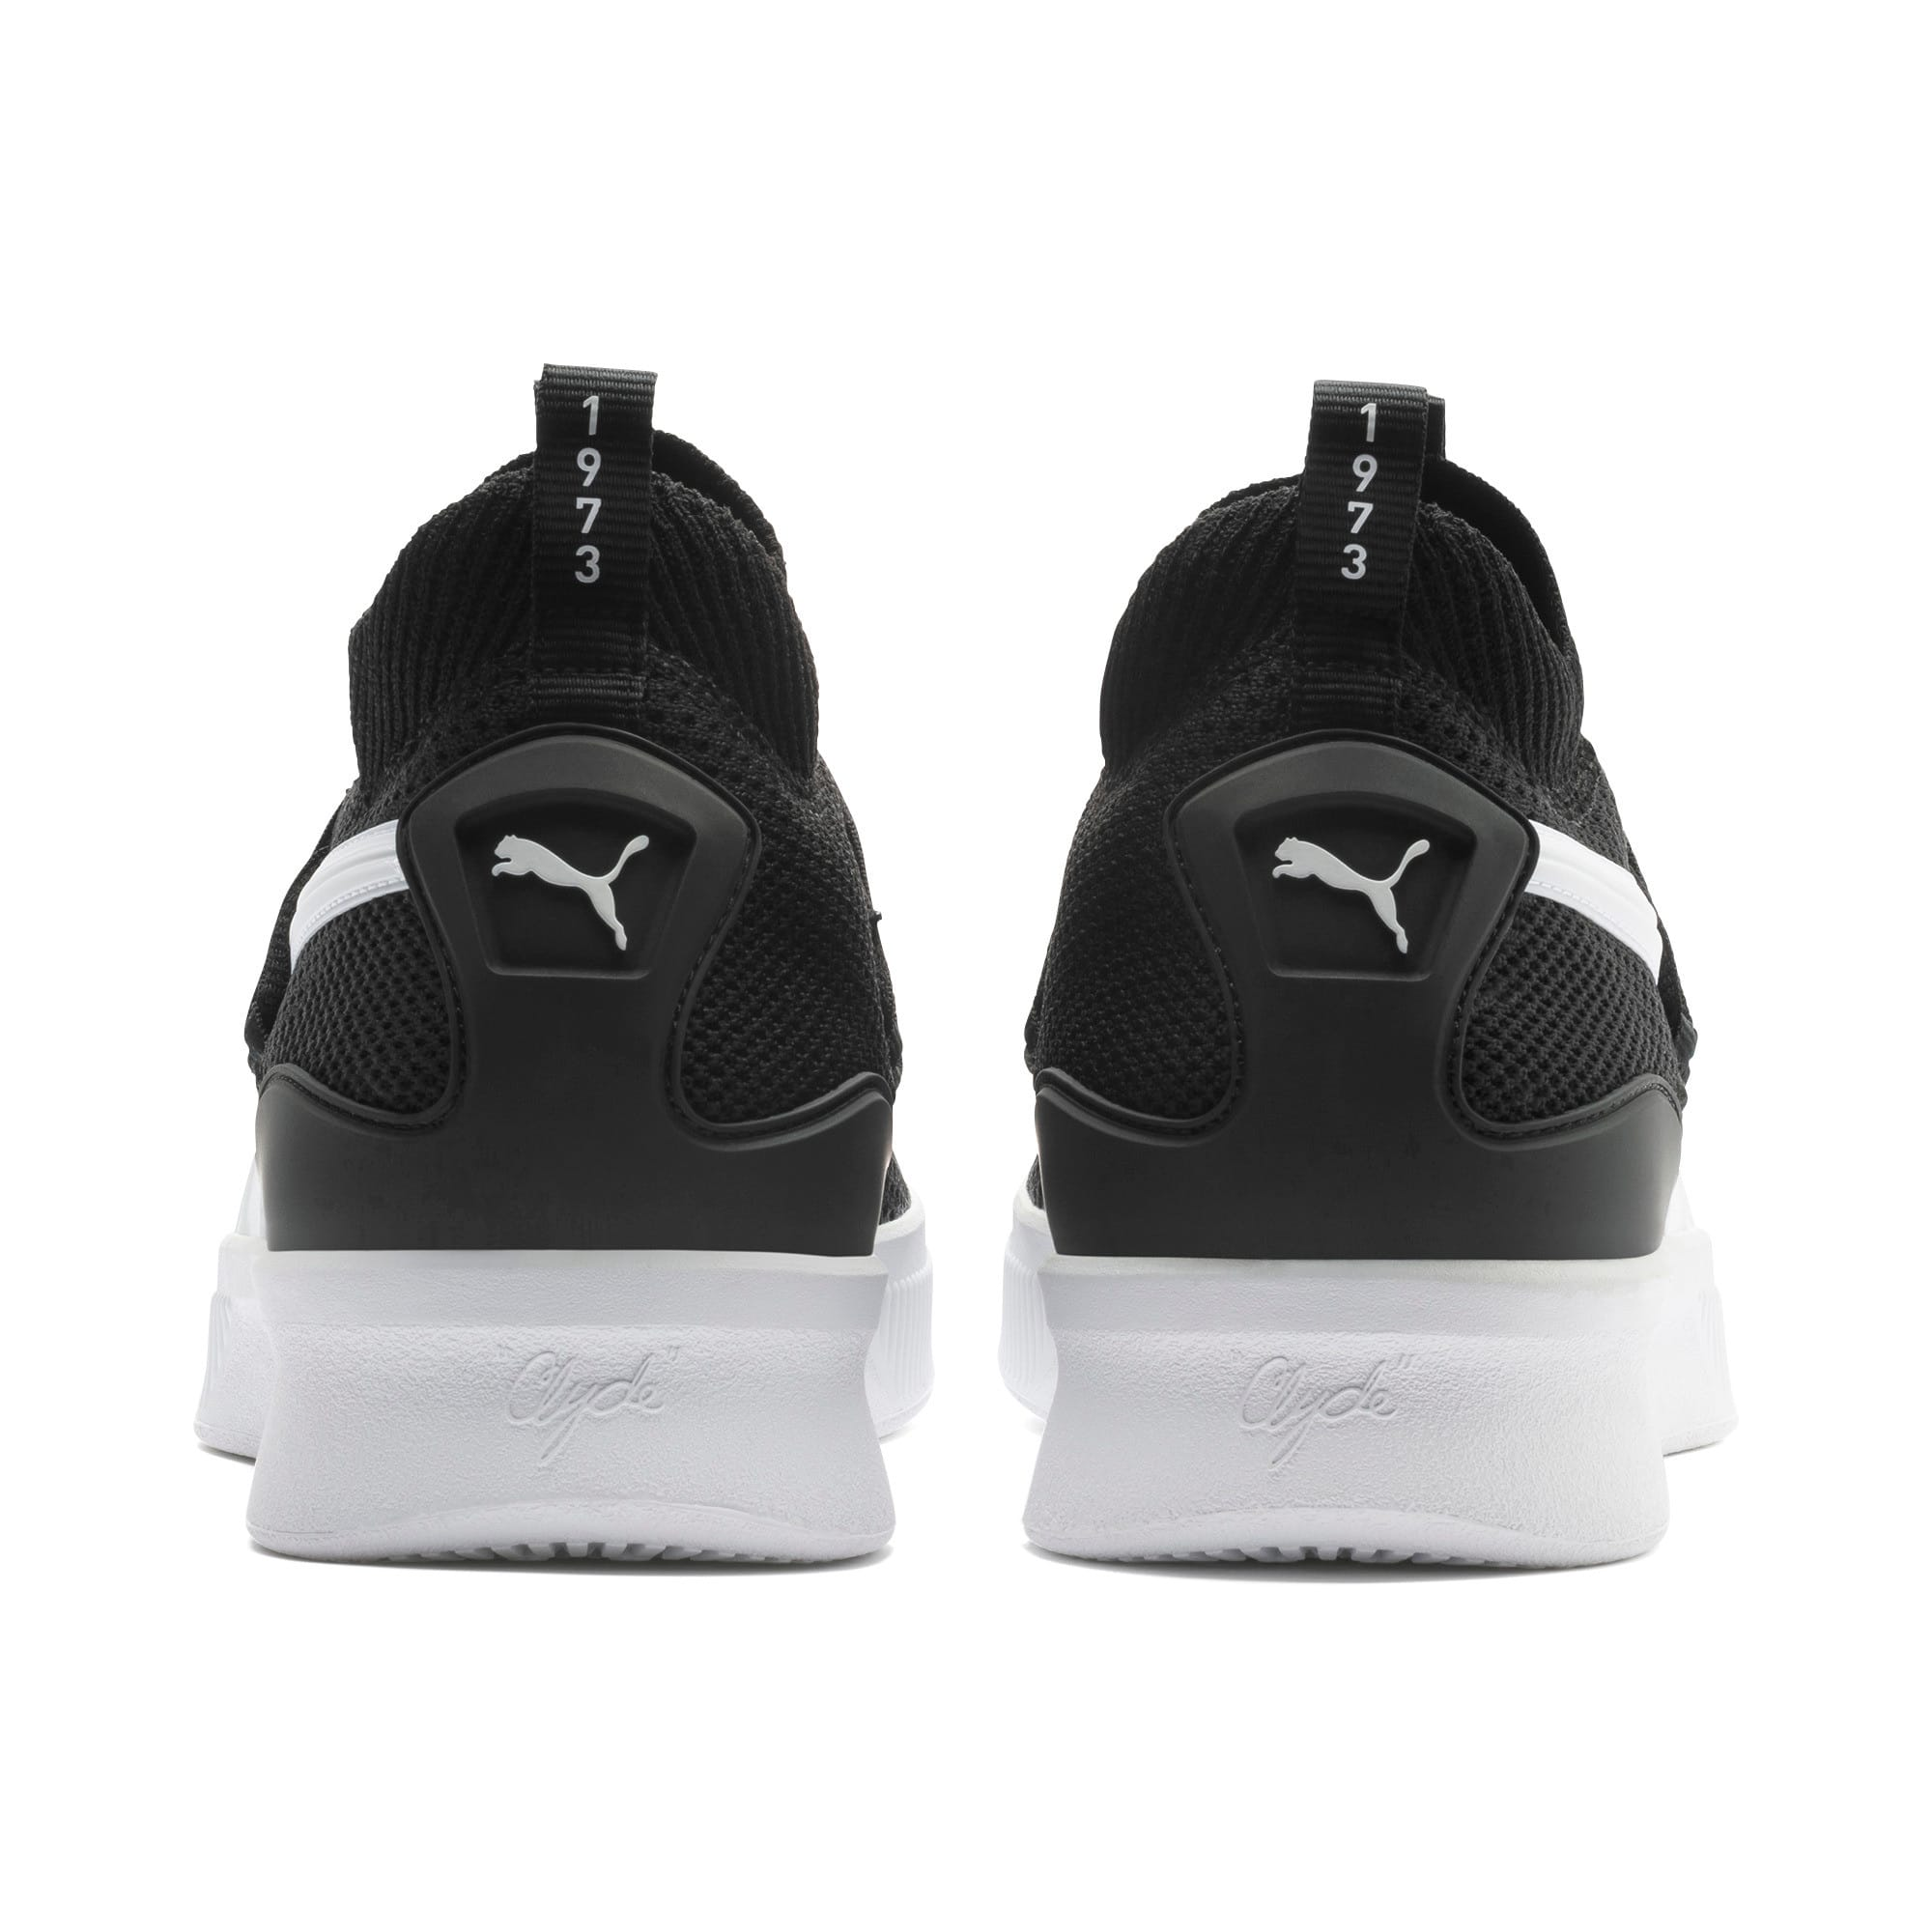 Imagen en miniatura 3 de Zapatillas de baloncesto Clyde Court, Puma Black, mediana